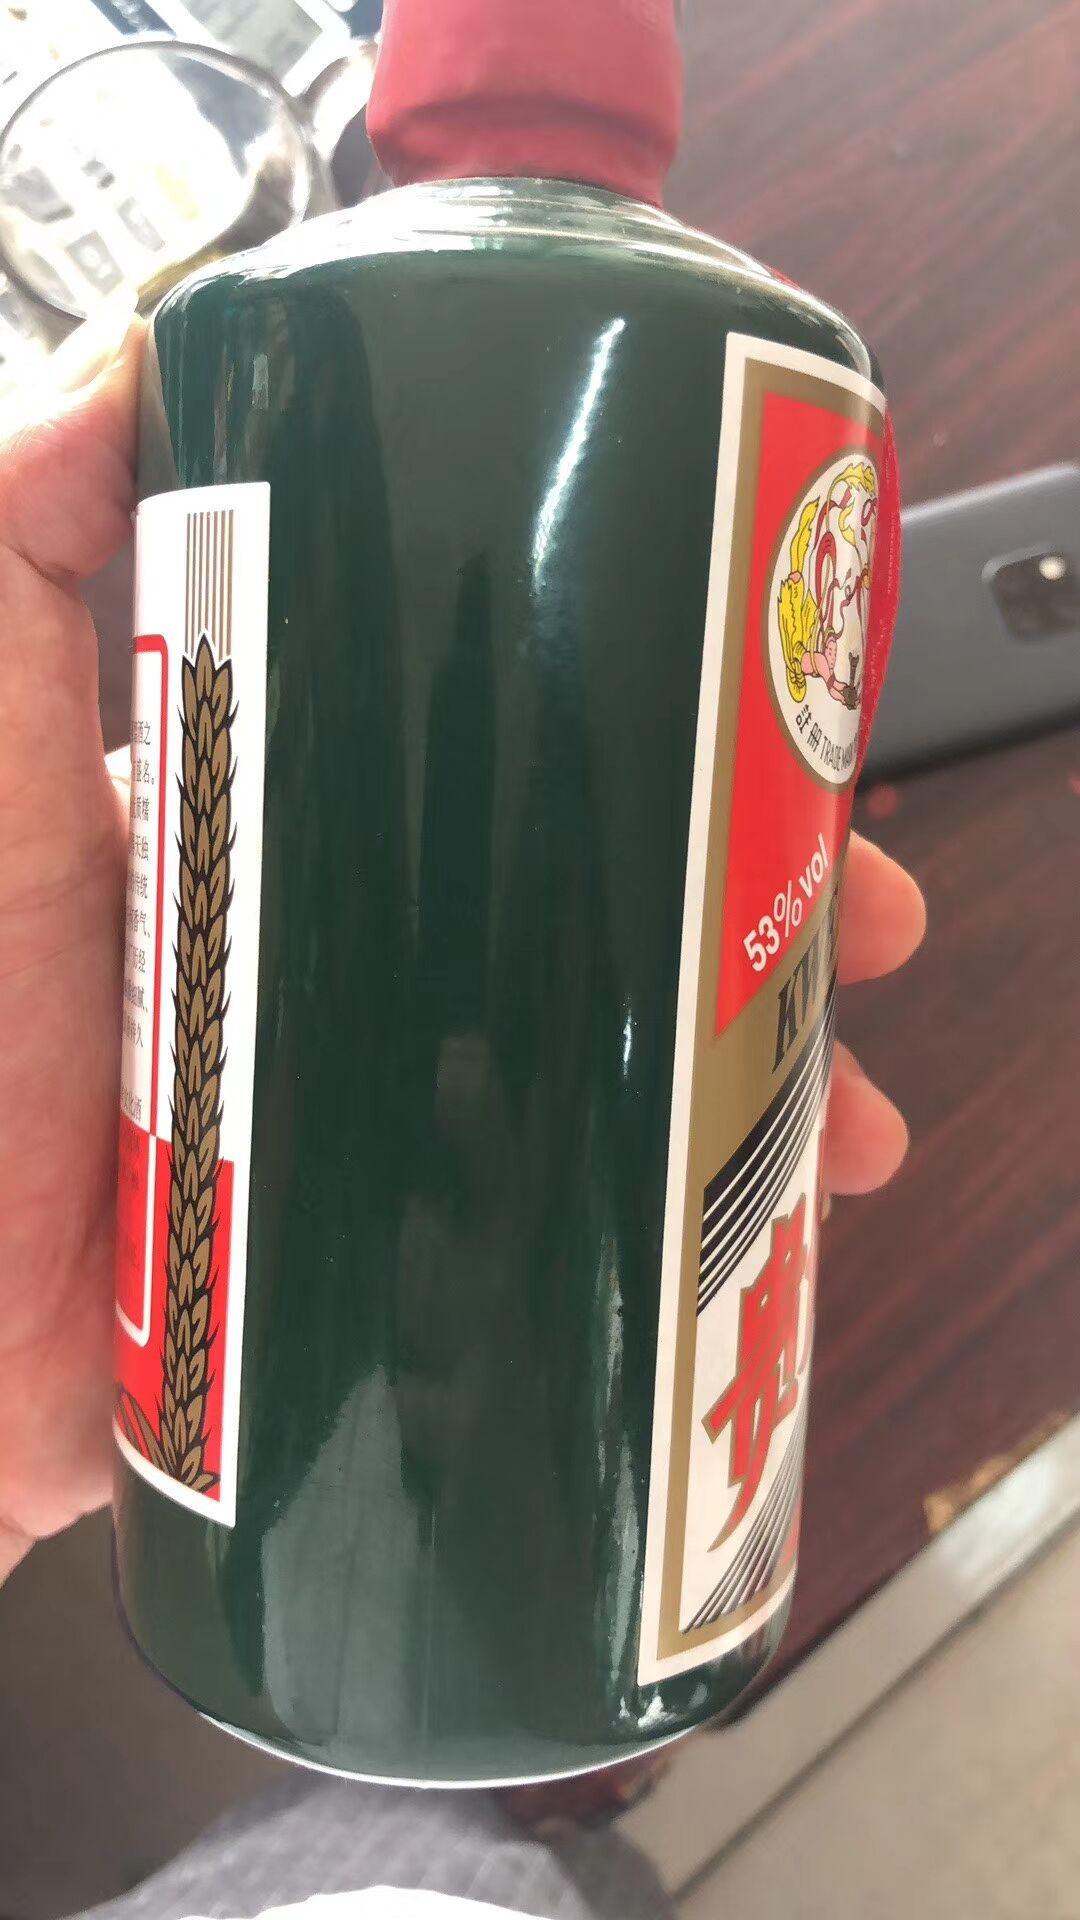 任丘茅台酒回收回收80年老茅台酒(电话